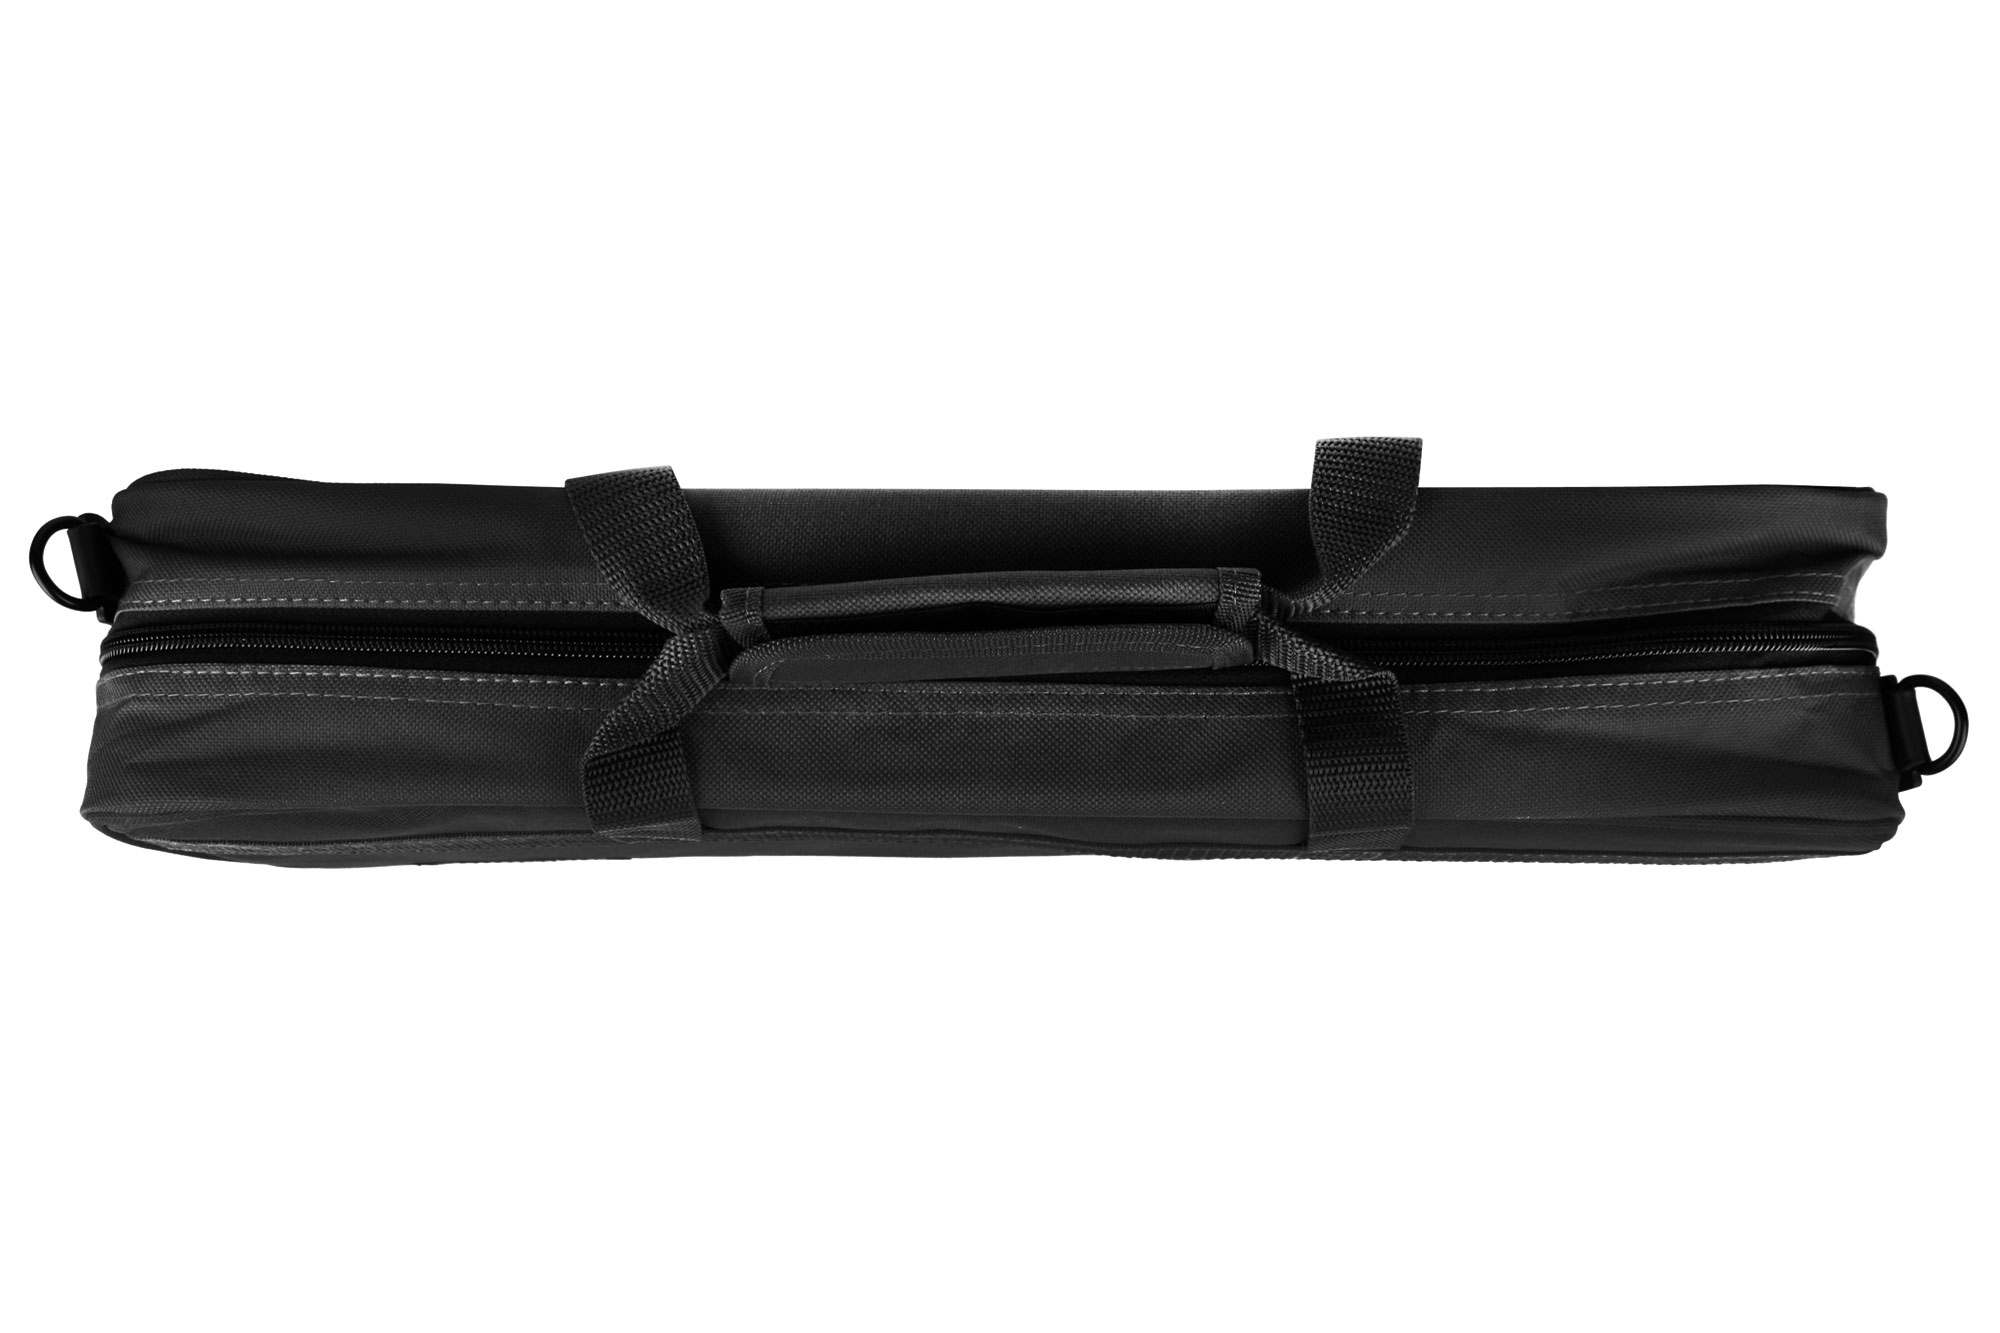 messermeister 16 pocket chef 39 s knife bag black cutlery and more. Black Bedroom Furniture Sets. Home Design Ideas